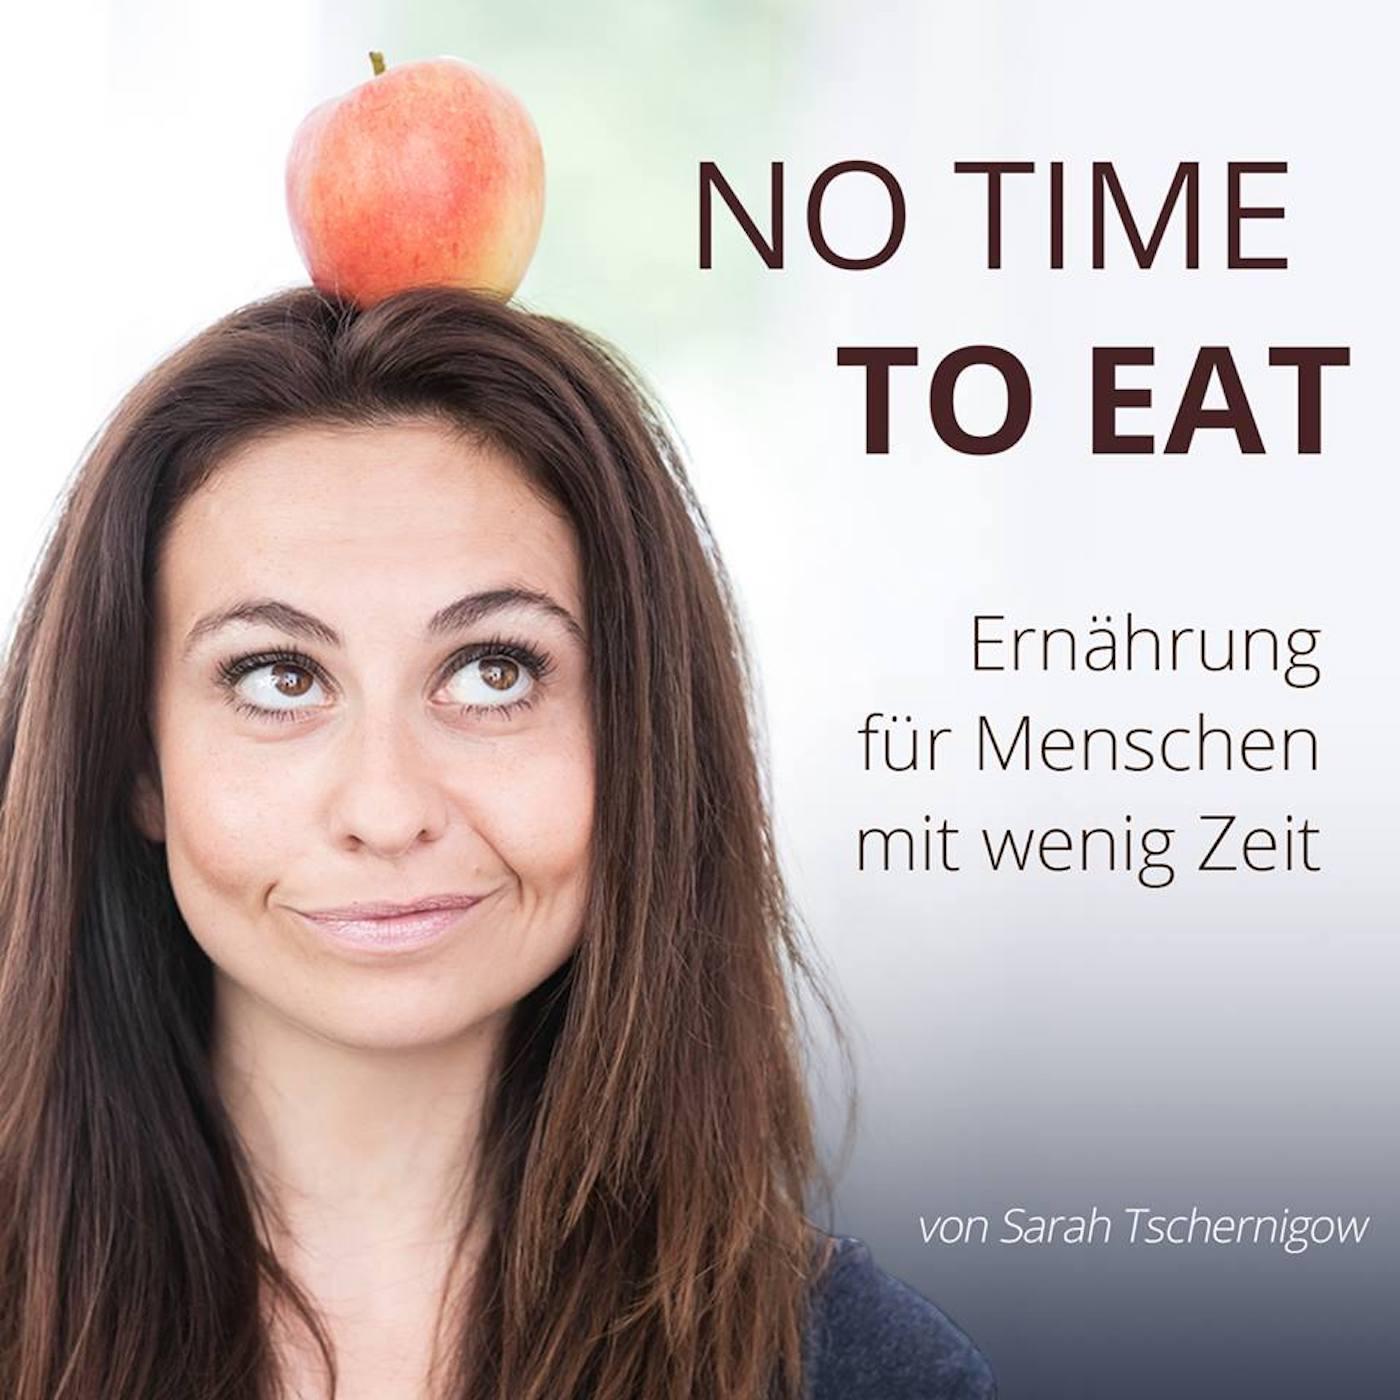 NO TIME TO EAT - Ernährung für Menschen mit wenig Zeit